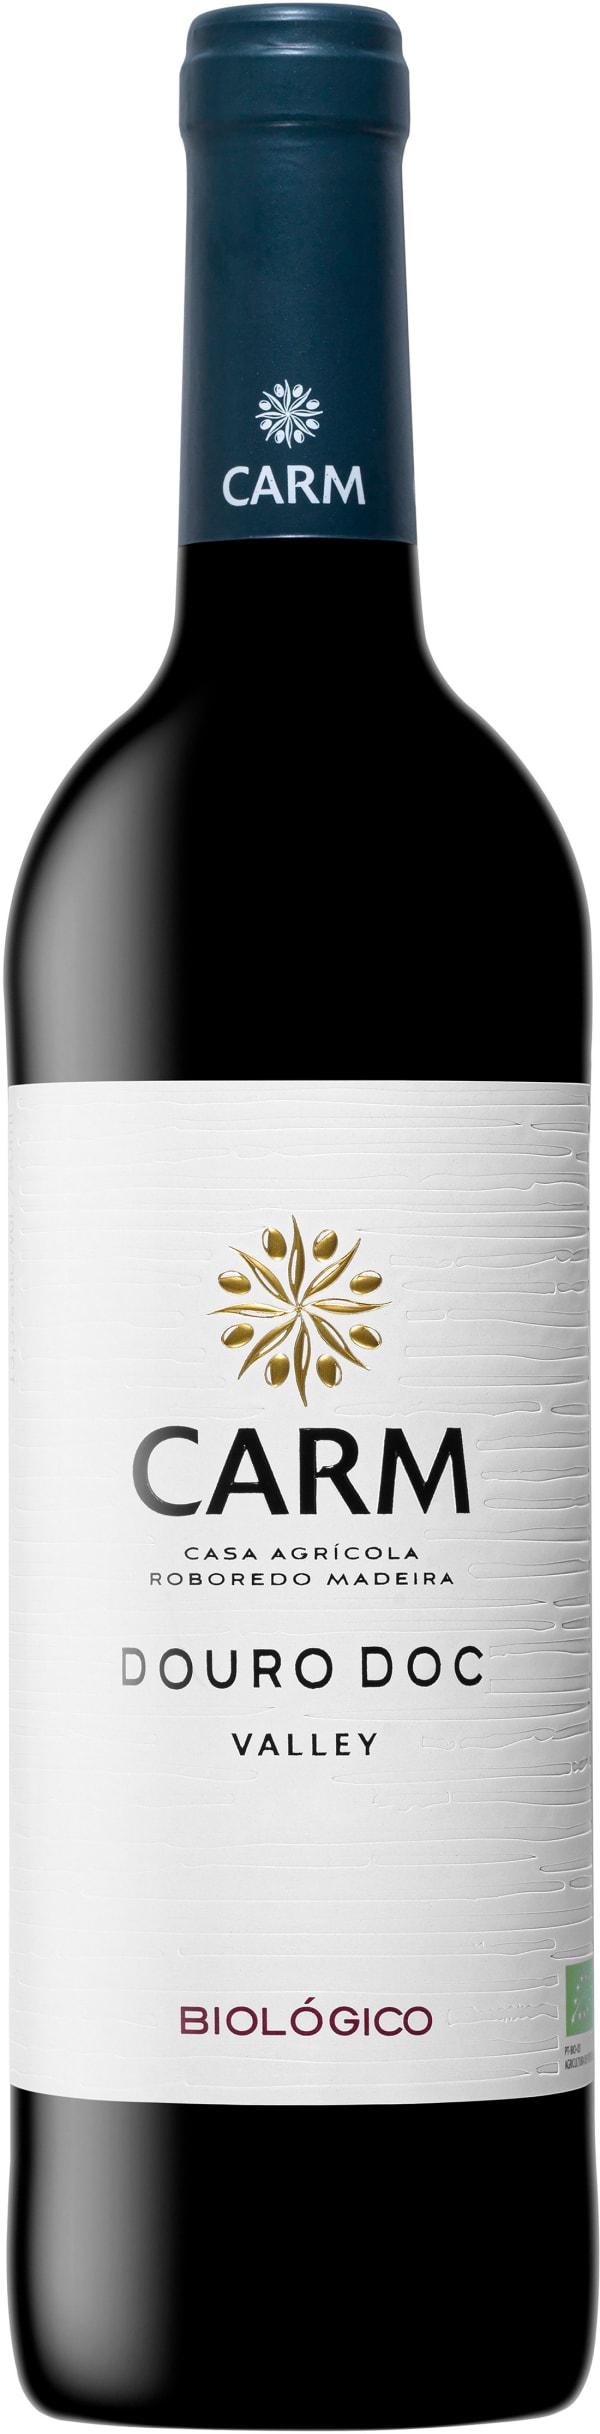 Carm 2016